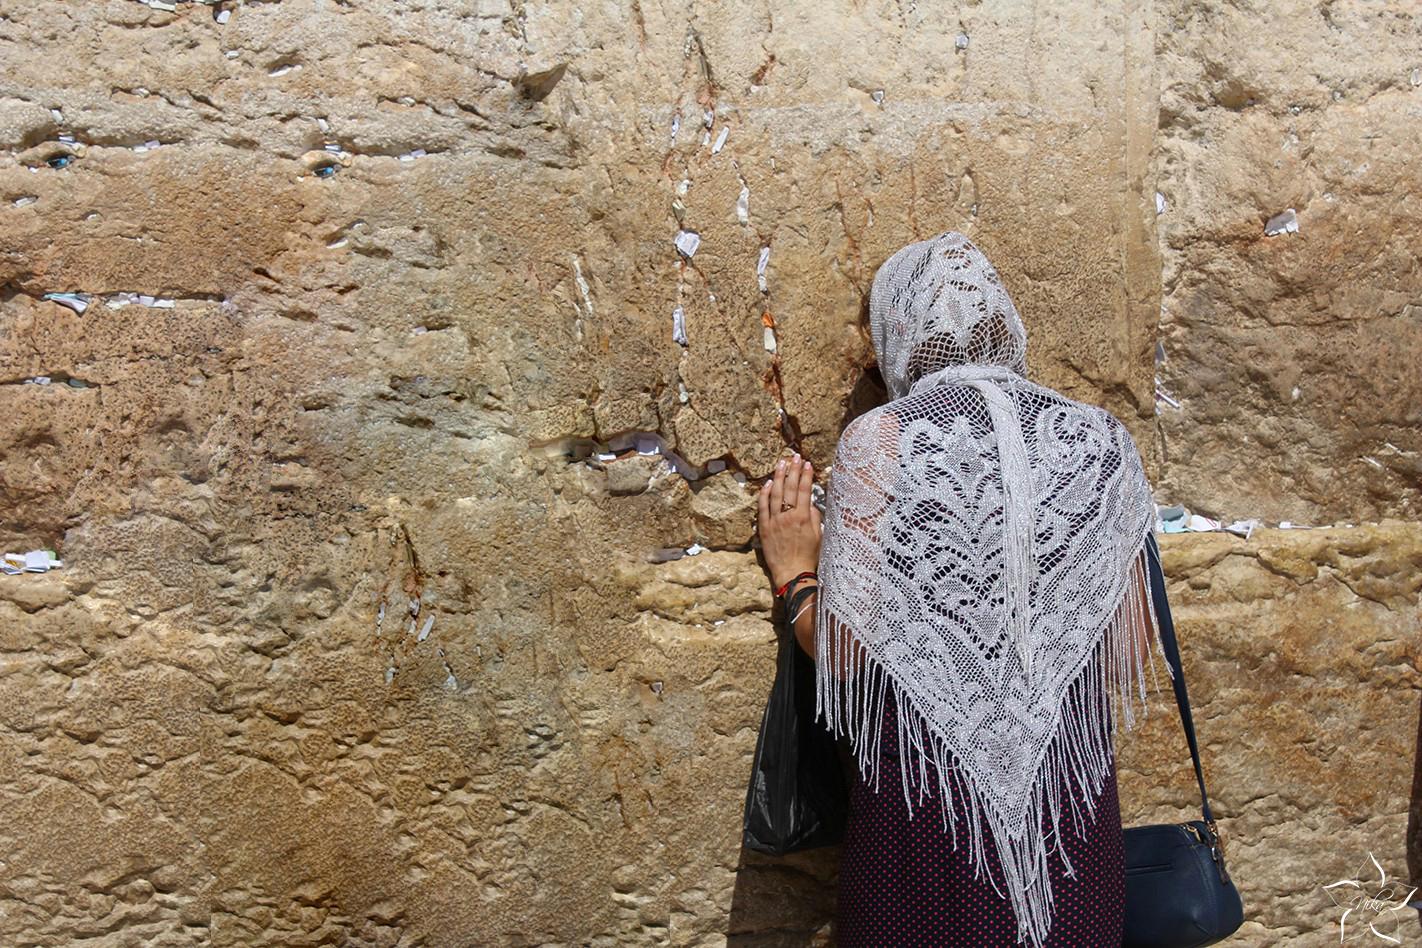 jeruzalem izrael mur narekov